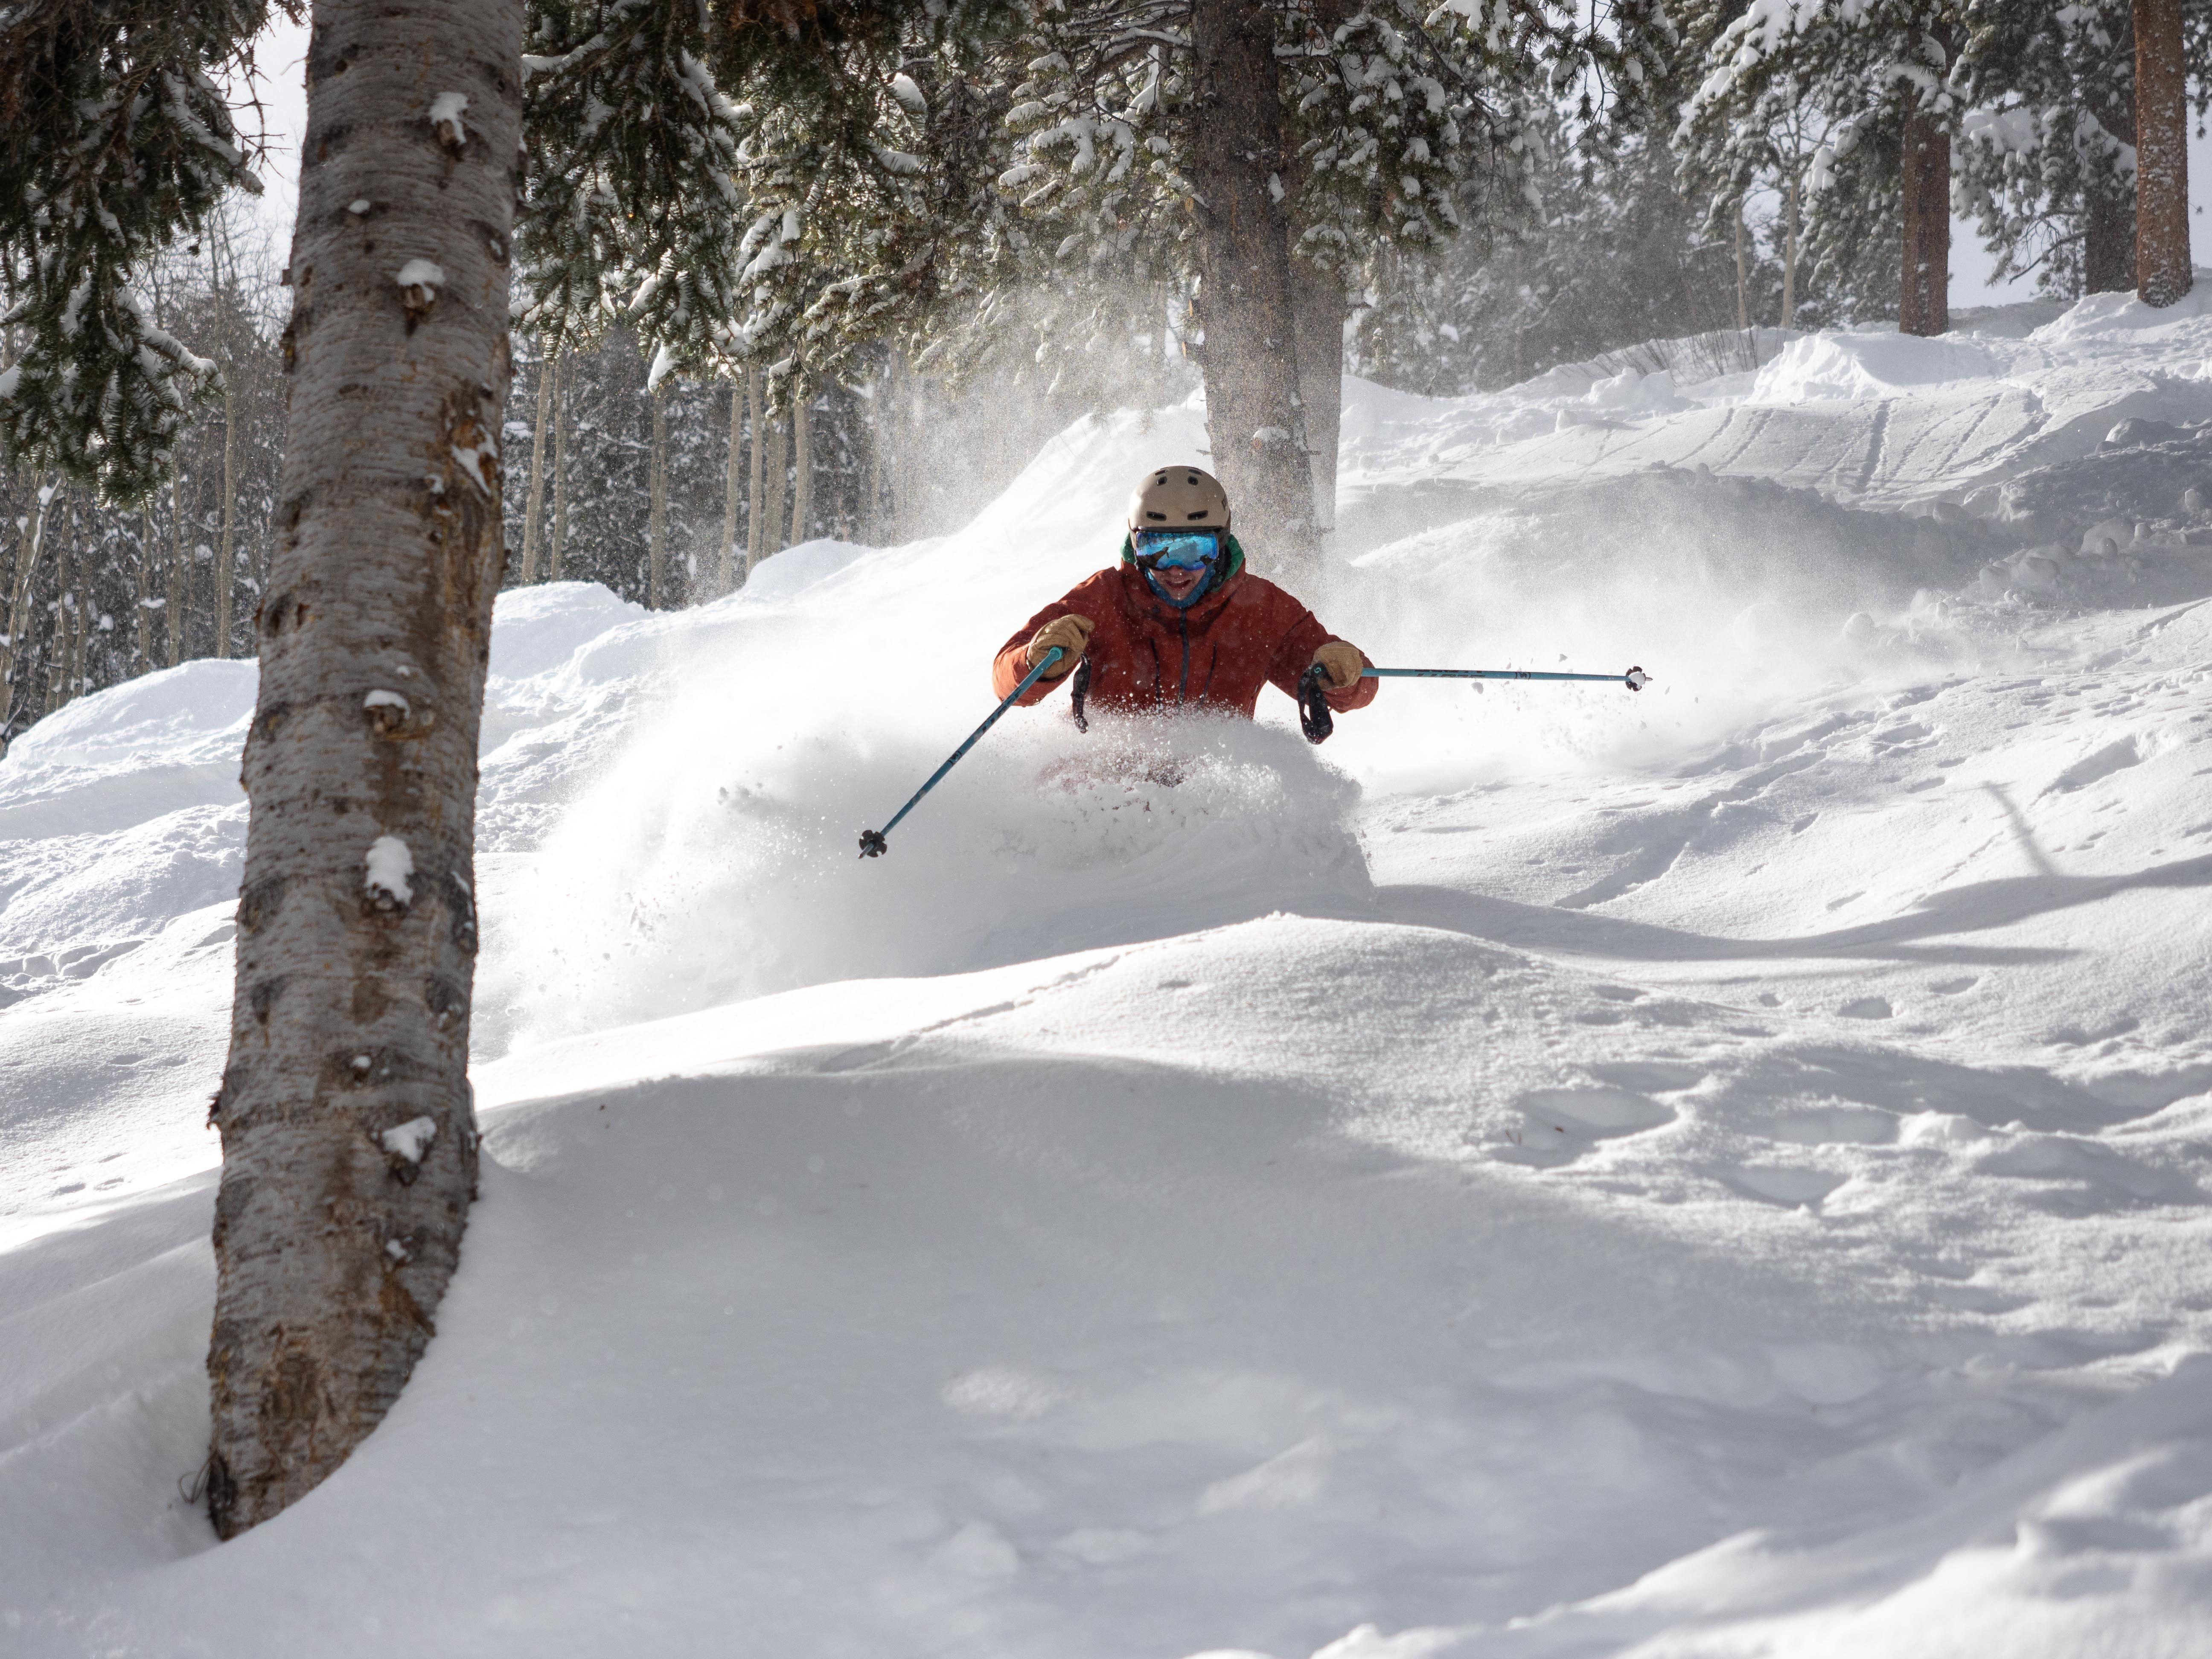 Salomon shows off high tech backcountry ski gear at Outdoor